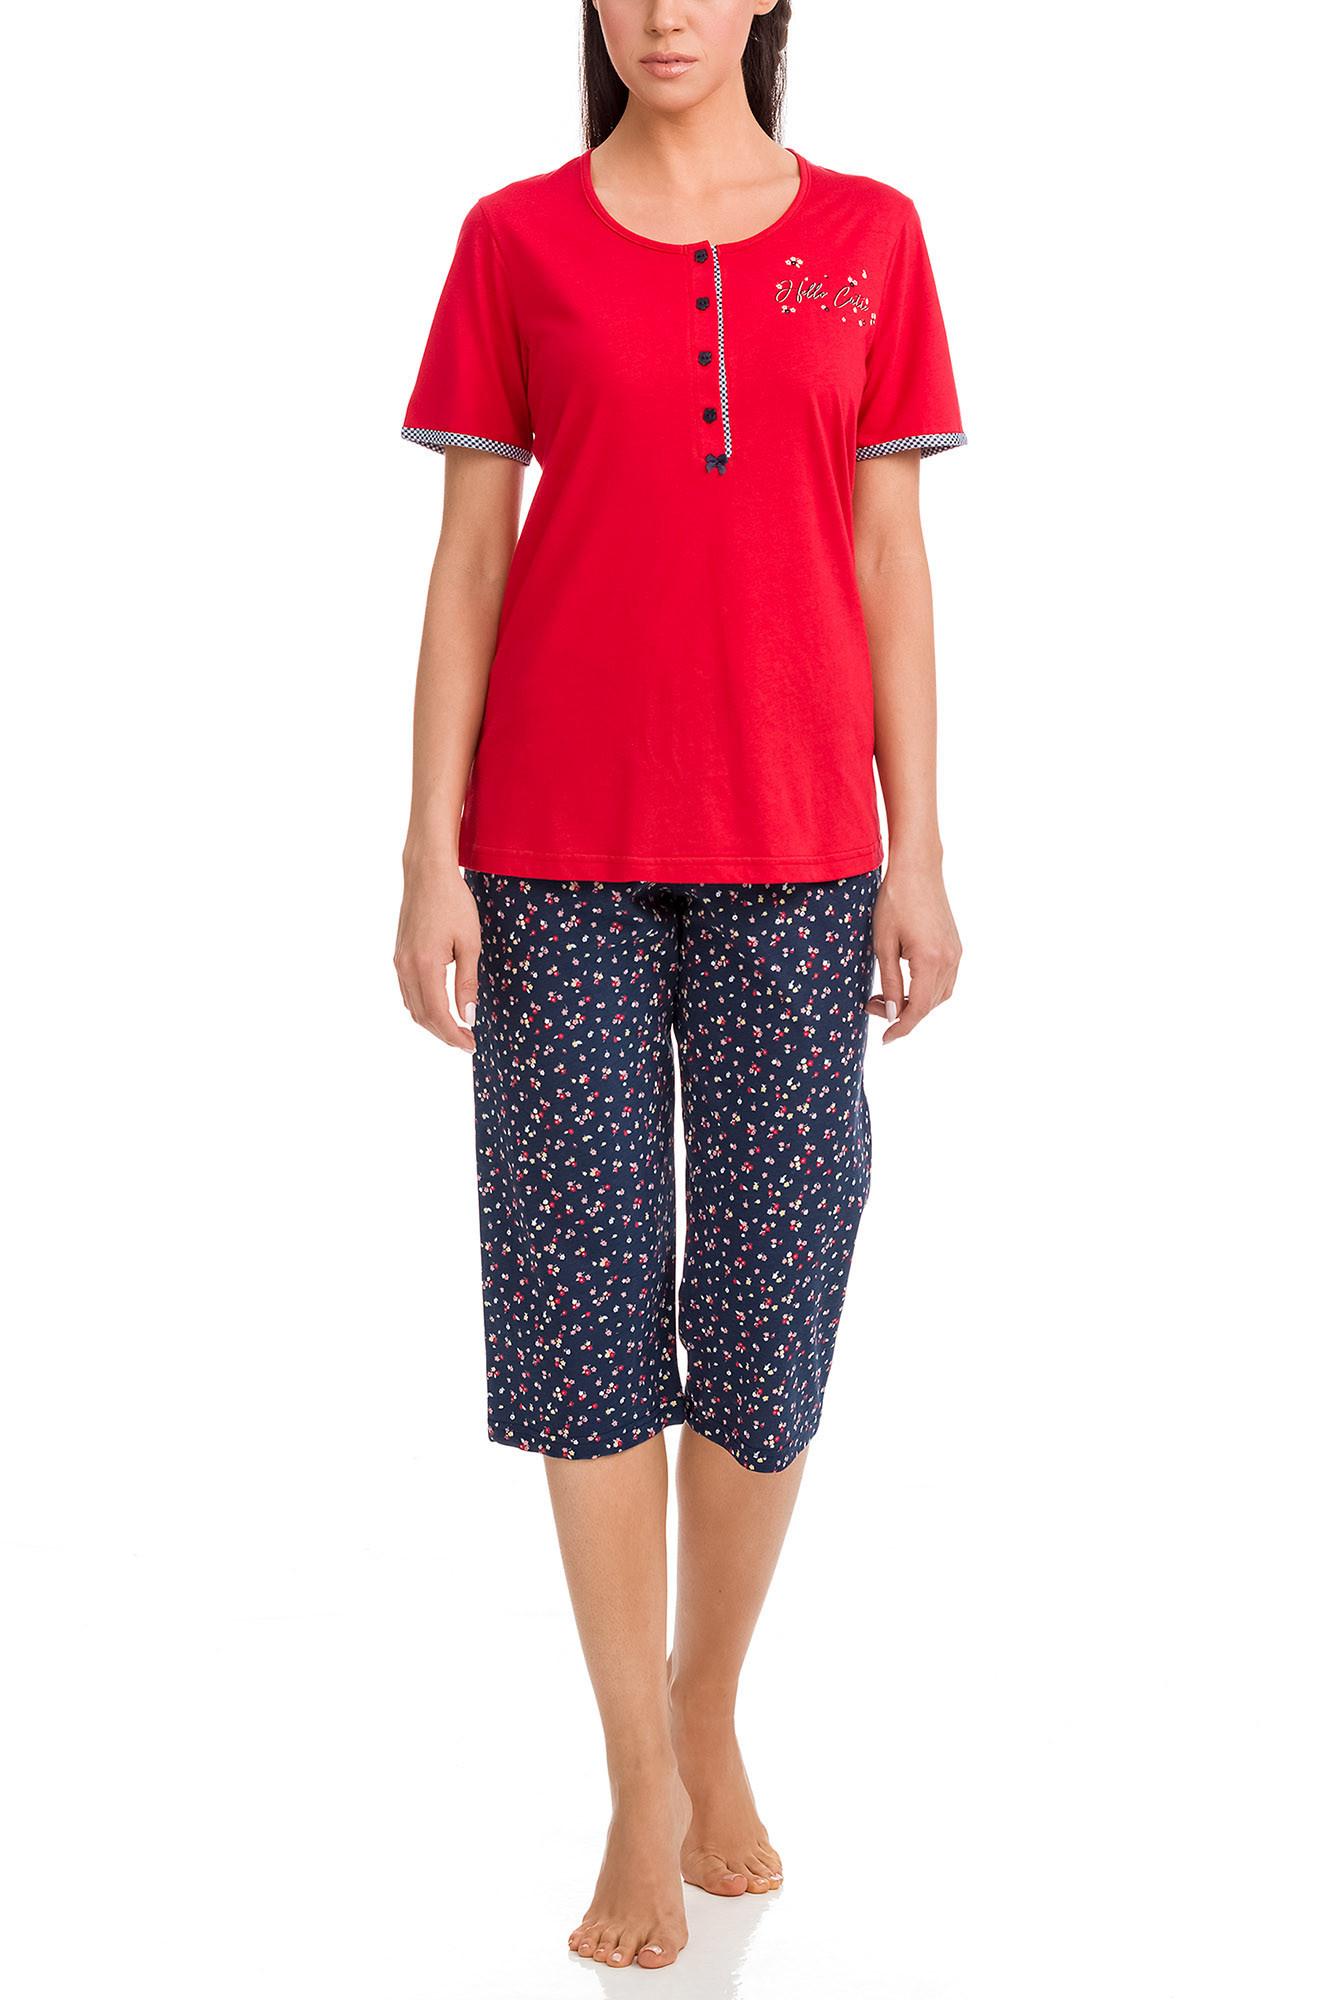 Vamp - Dámske pyžamo 12422 - Vamp red m